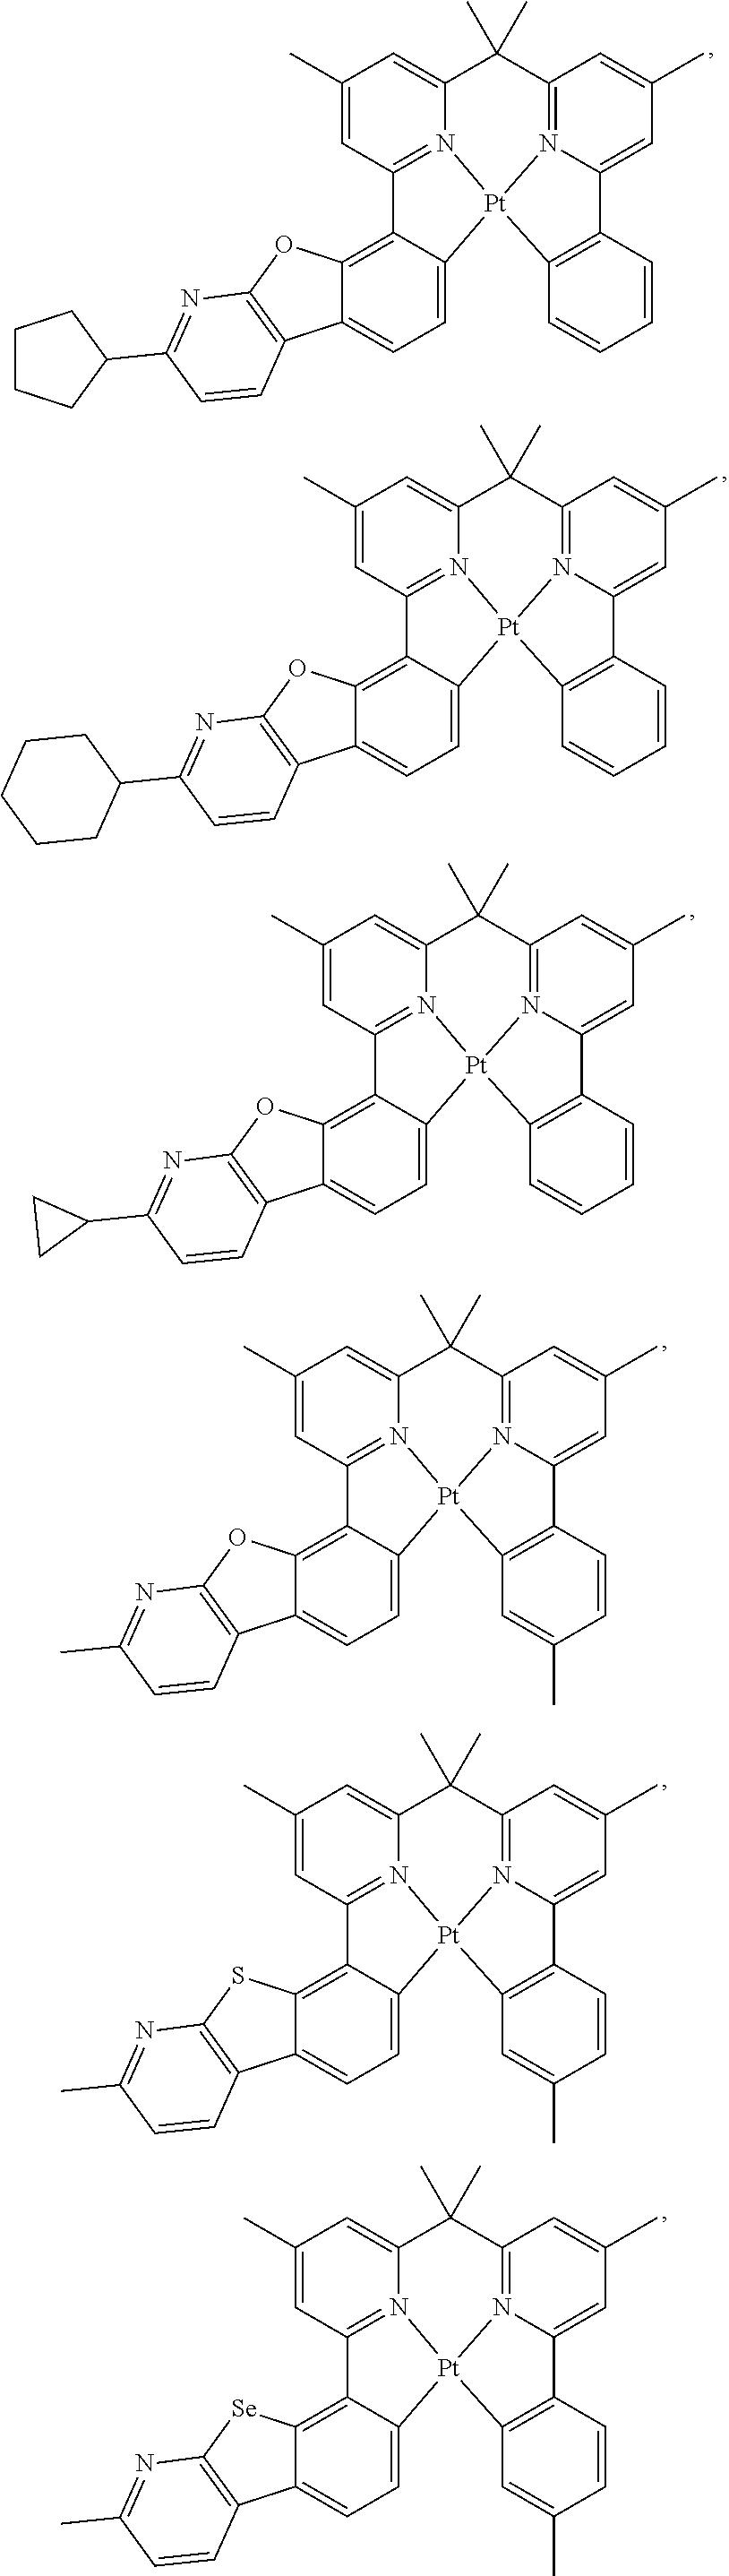 Figure US09871214-20180116-C00011